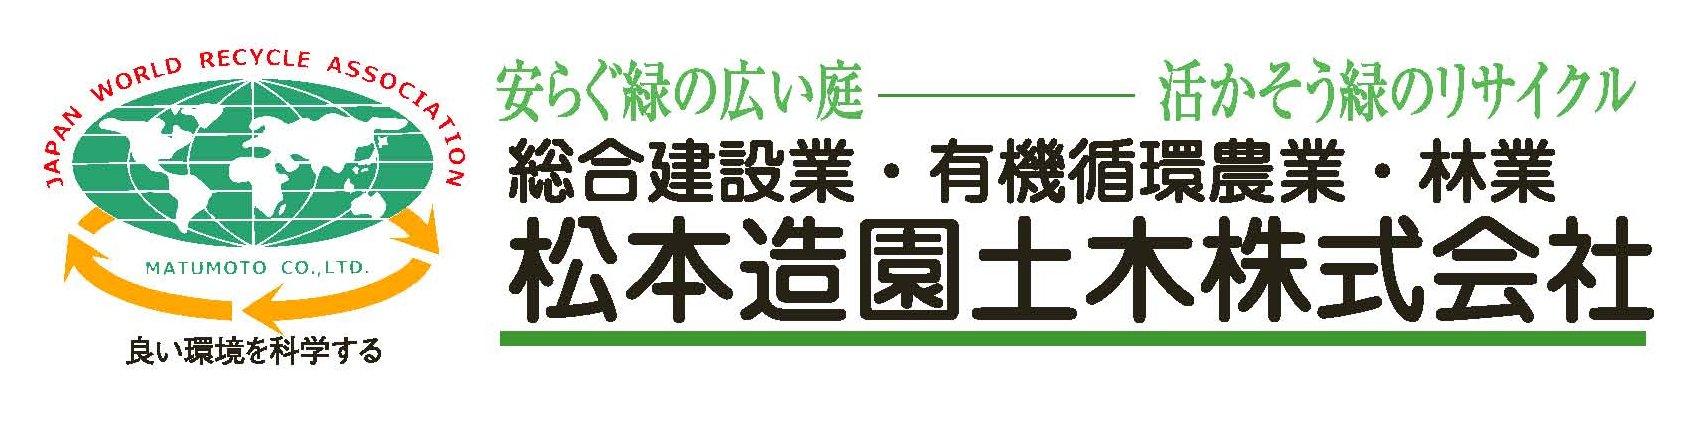 松本造園土木株式会社ー兵庫県三田市の農業ー